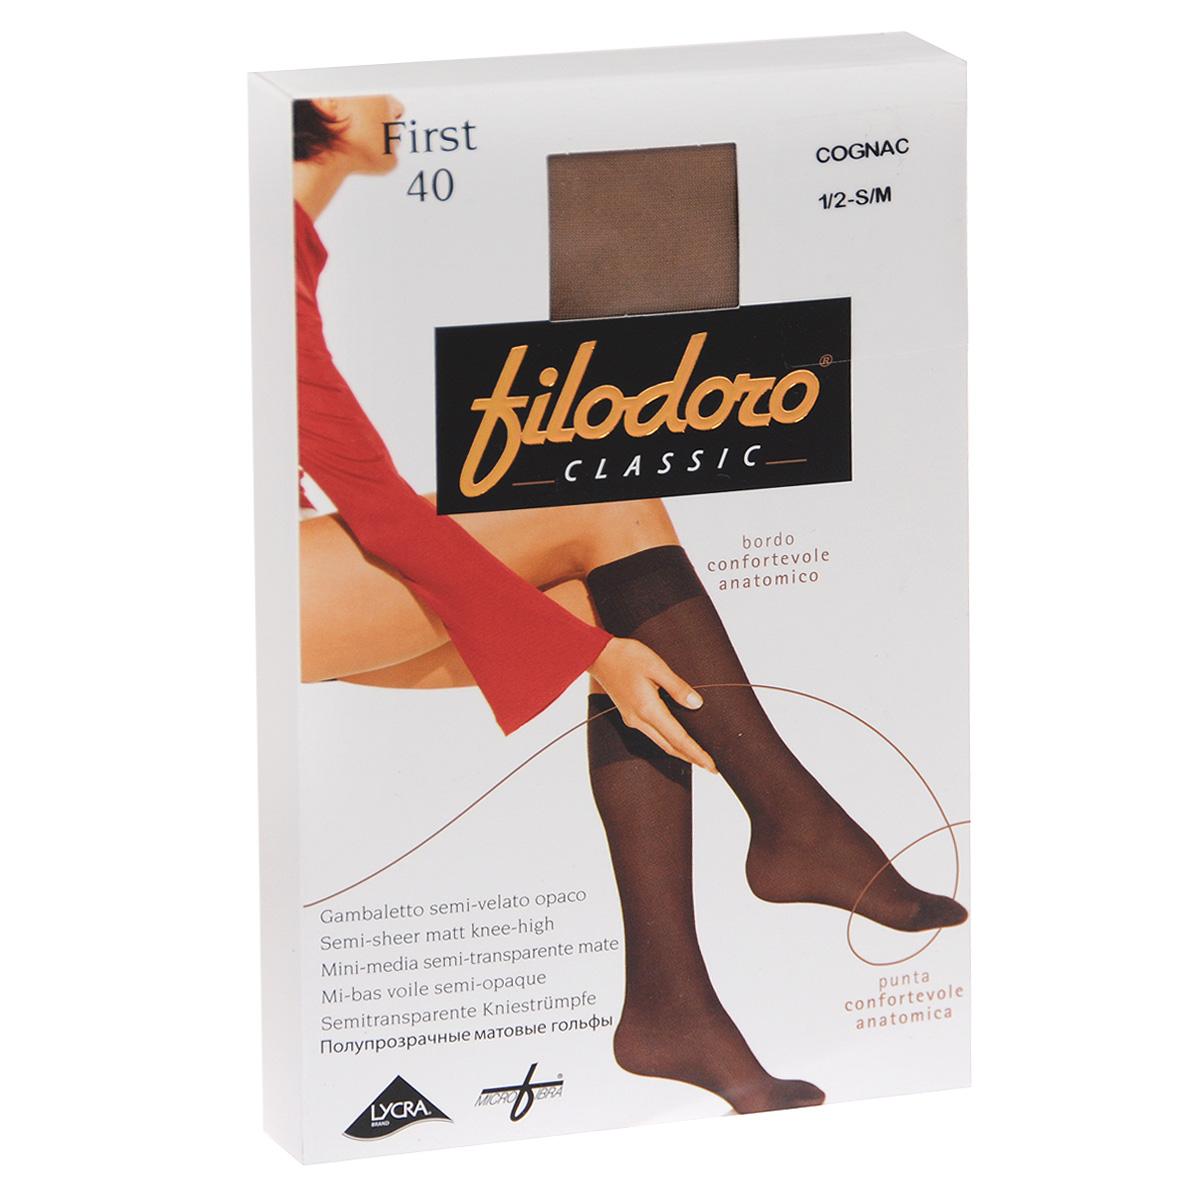 Гольфы женские Filodoro Classic First 40, цвет: Cognac (загар). C110309FC. Размер 3/4 (M/L)C110309FCТонкие матовые эластичные гольфы Filodoro Classic First, с комфортной резинкой дифференцированной конструкции, укрепленным мыском. Плотность: 40 den.